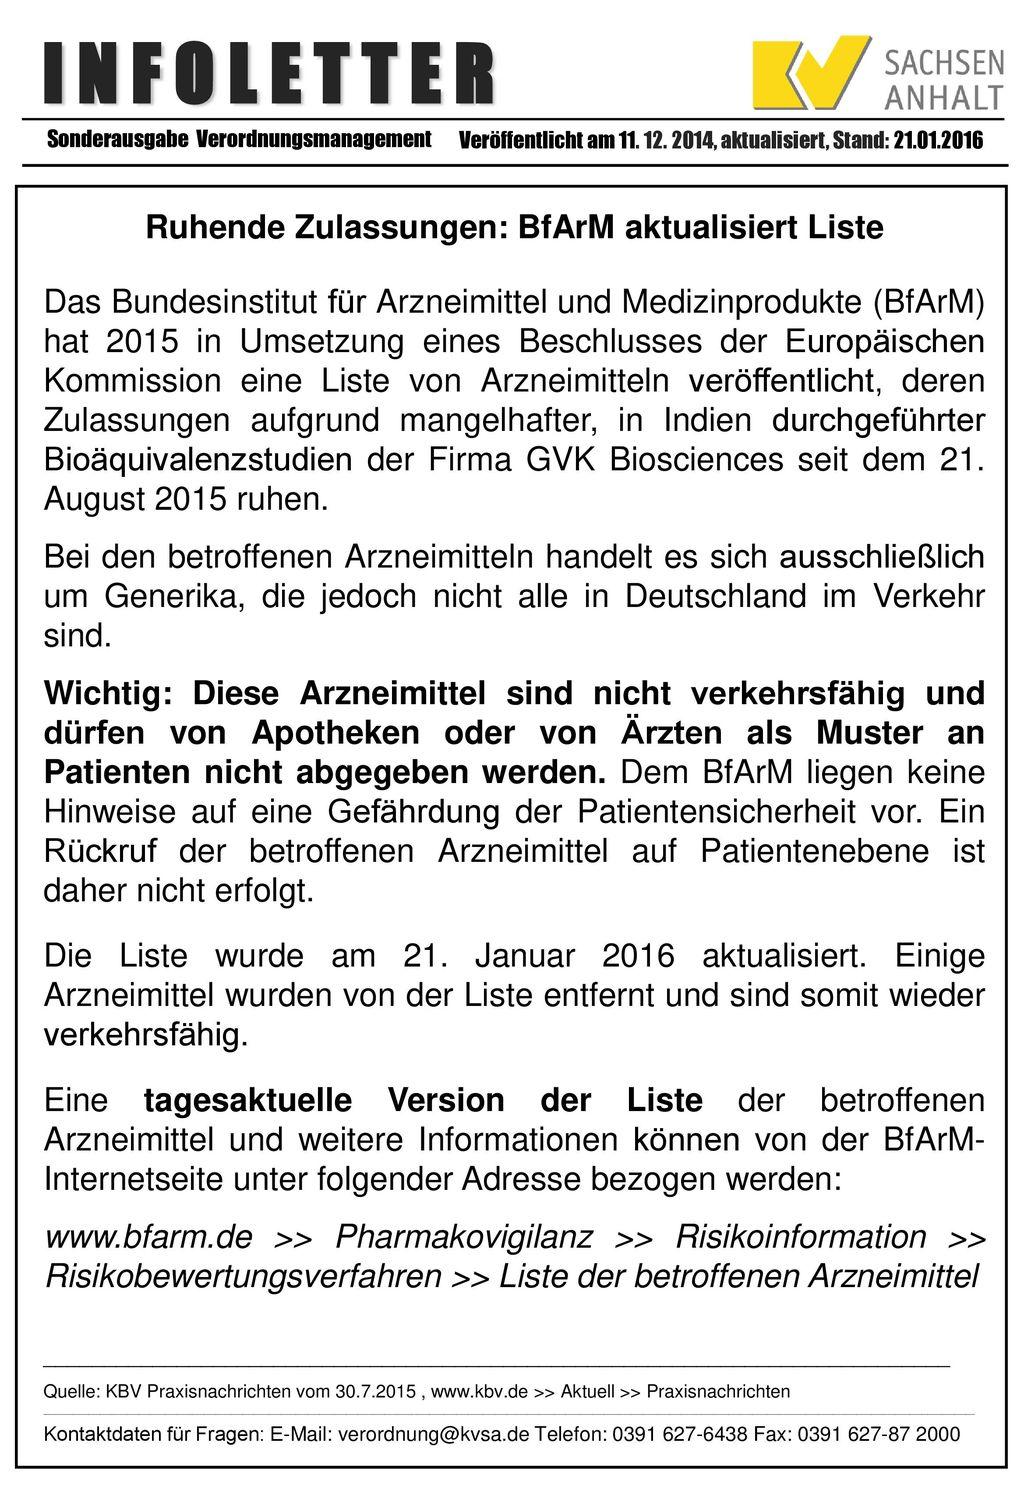 Ruhende Zulassungen: BfArM aktualisiert Liste